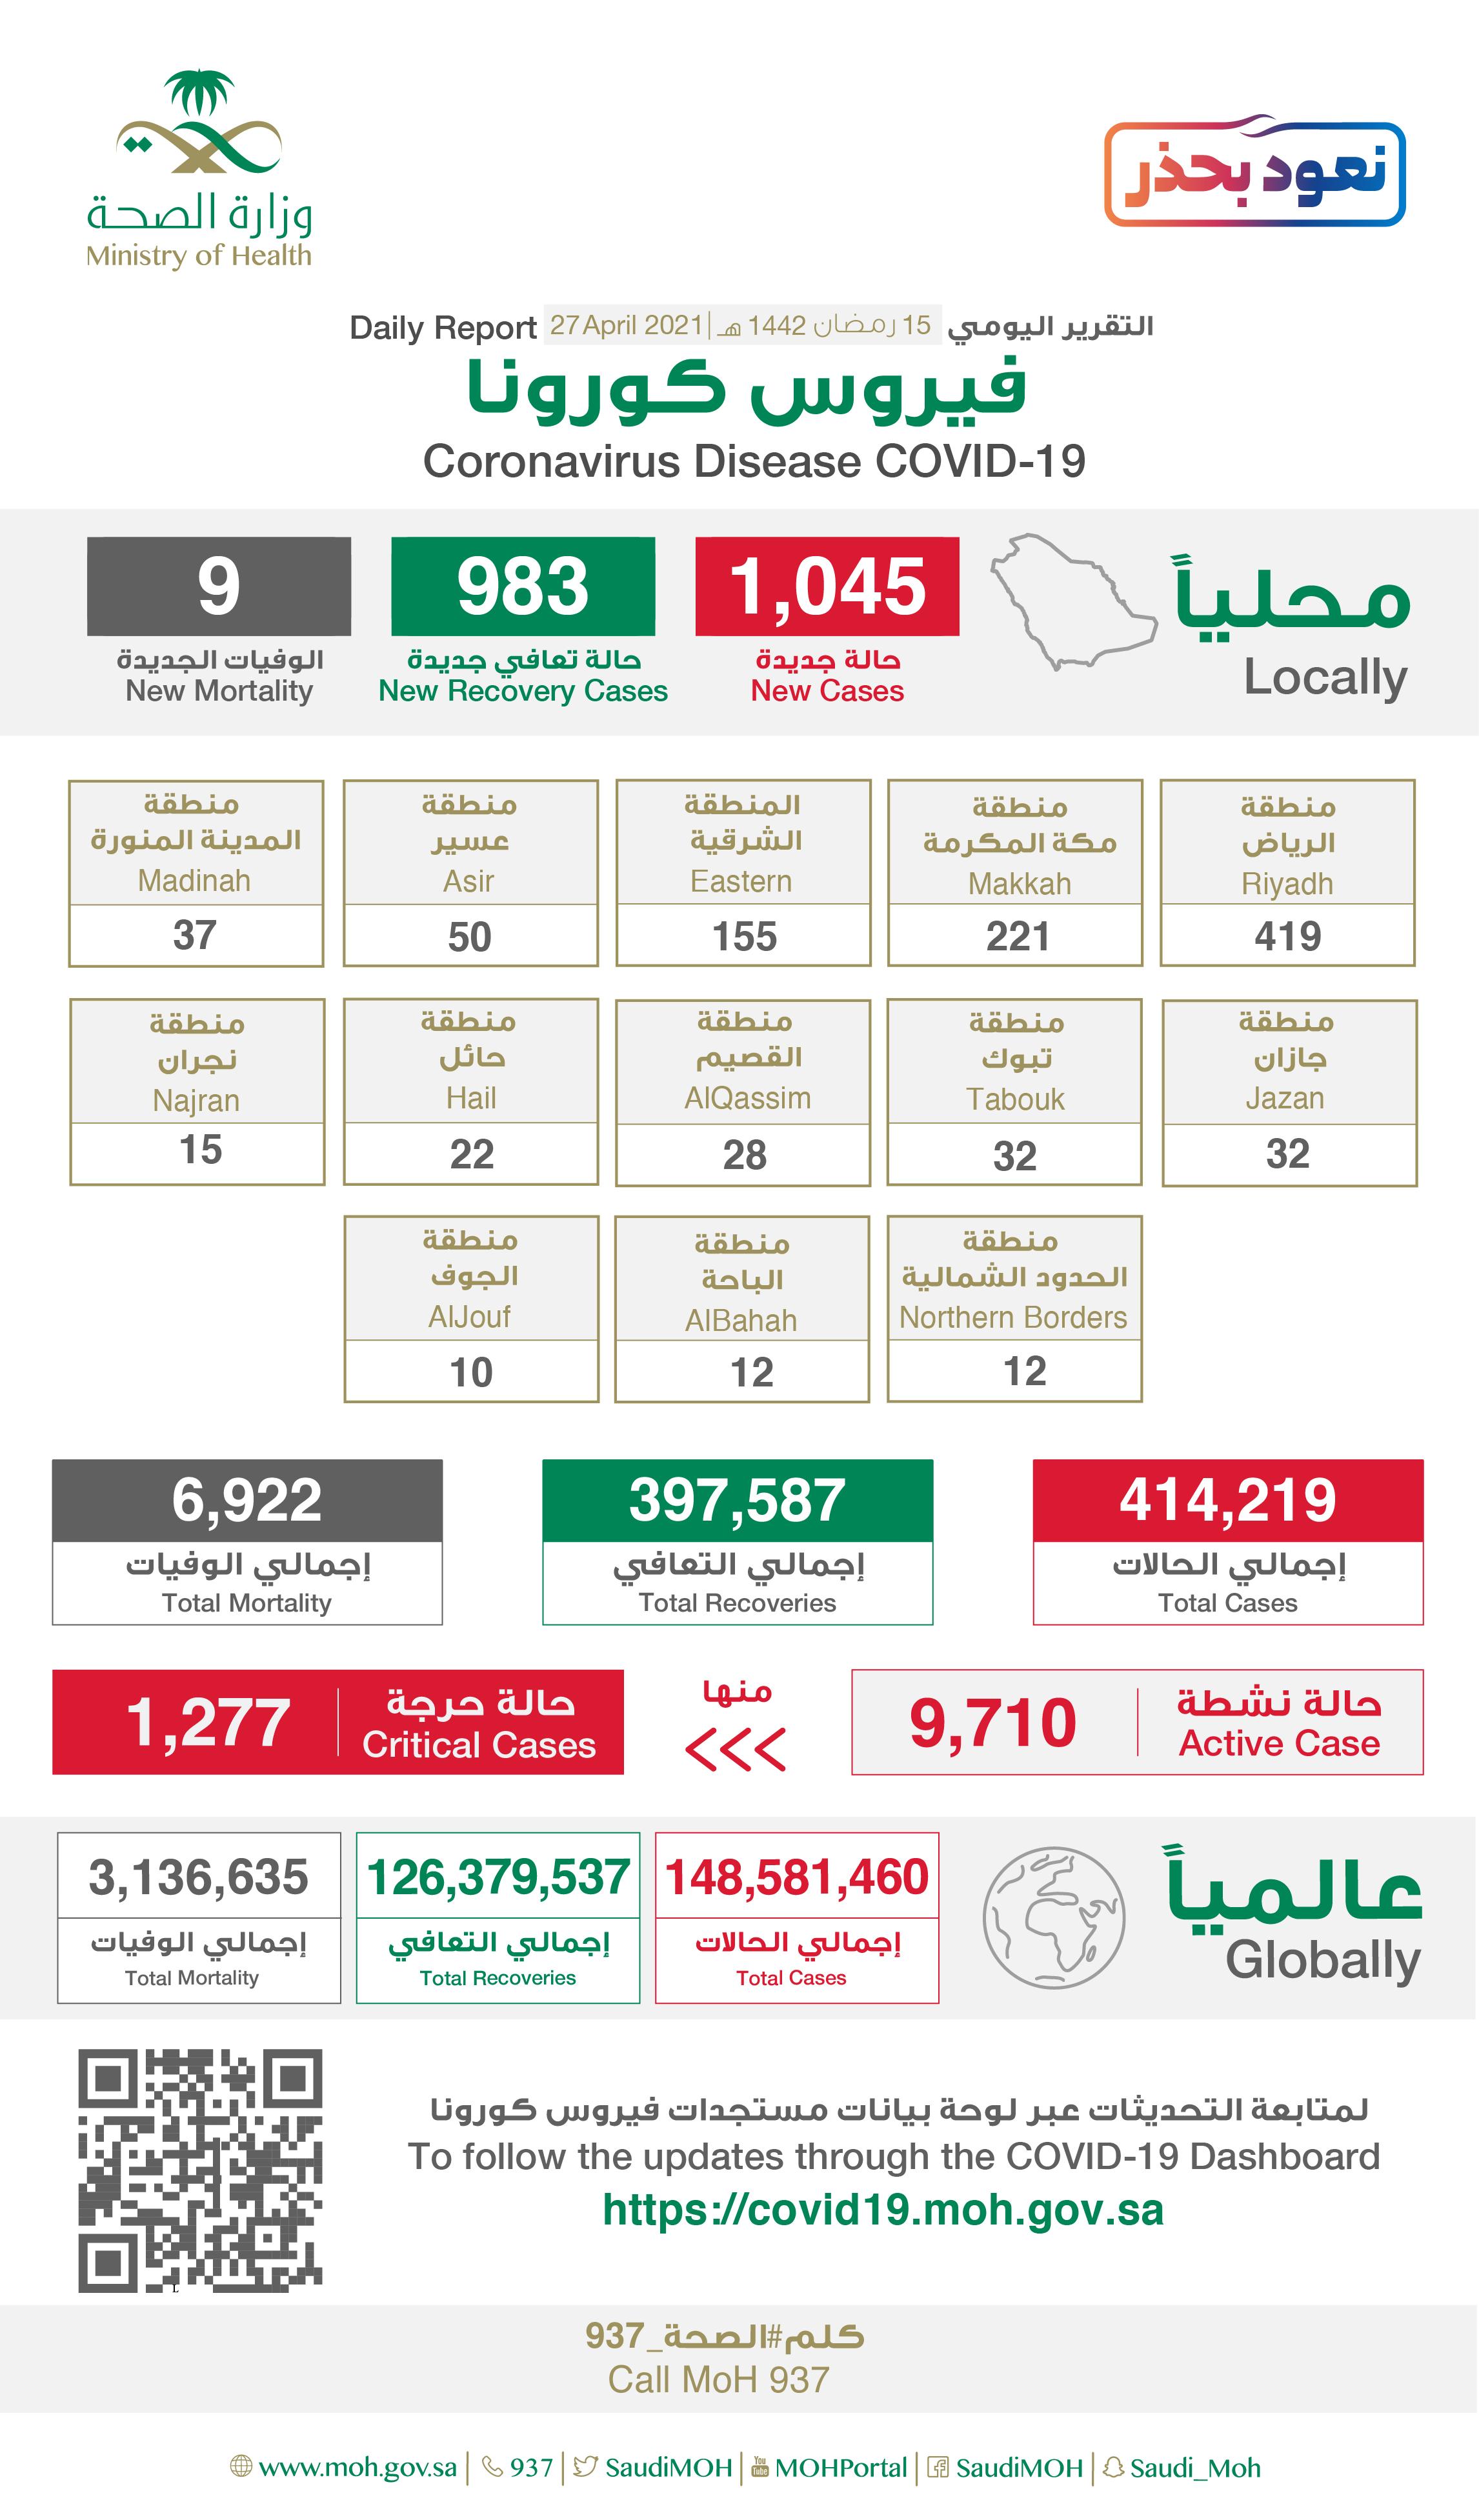 1045 إصابة جديدة بفيروس كورونا في السعودية و 983 حالة شفاء و 9 وفيات